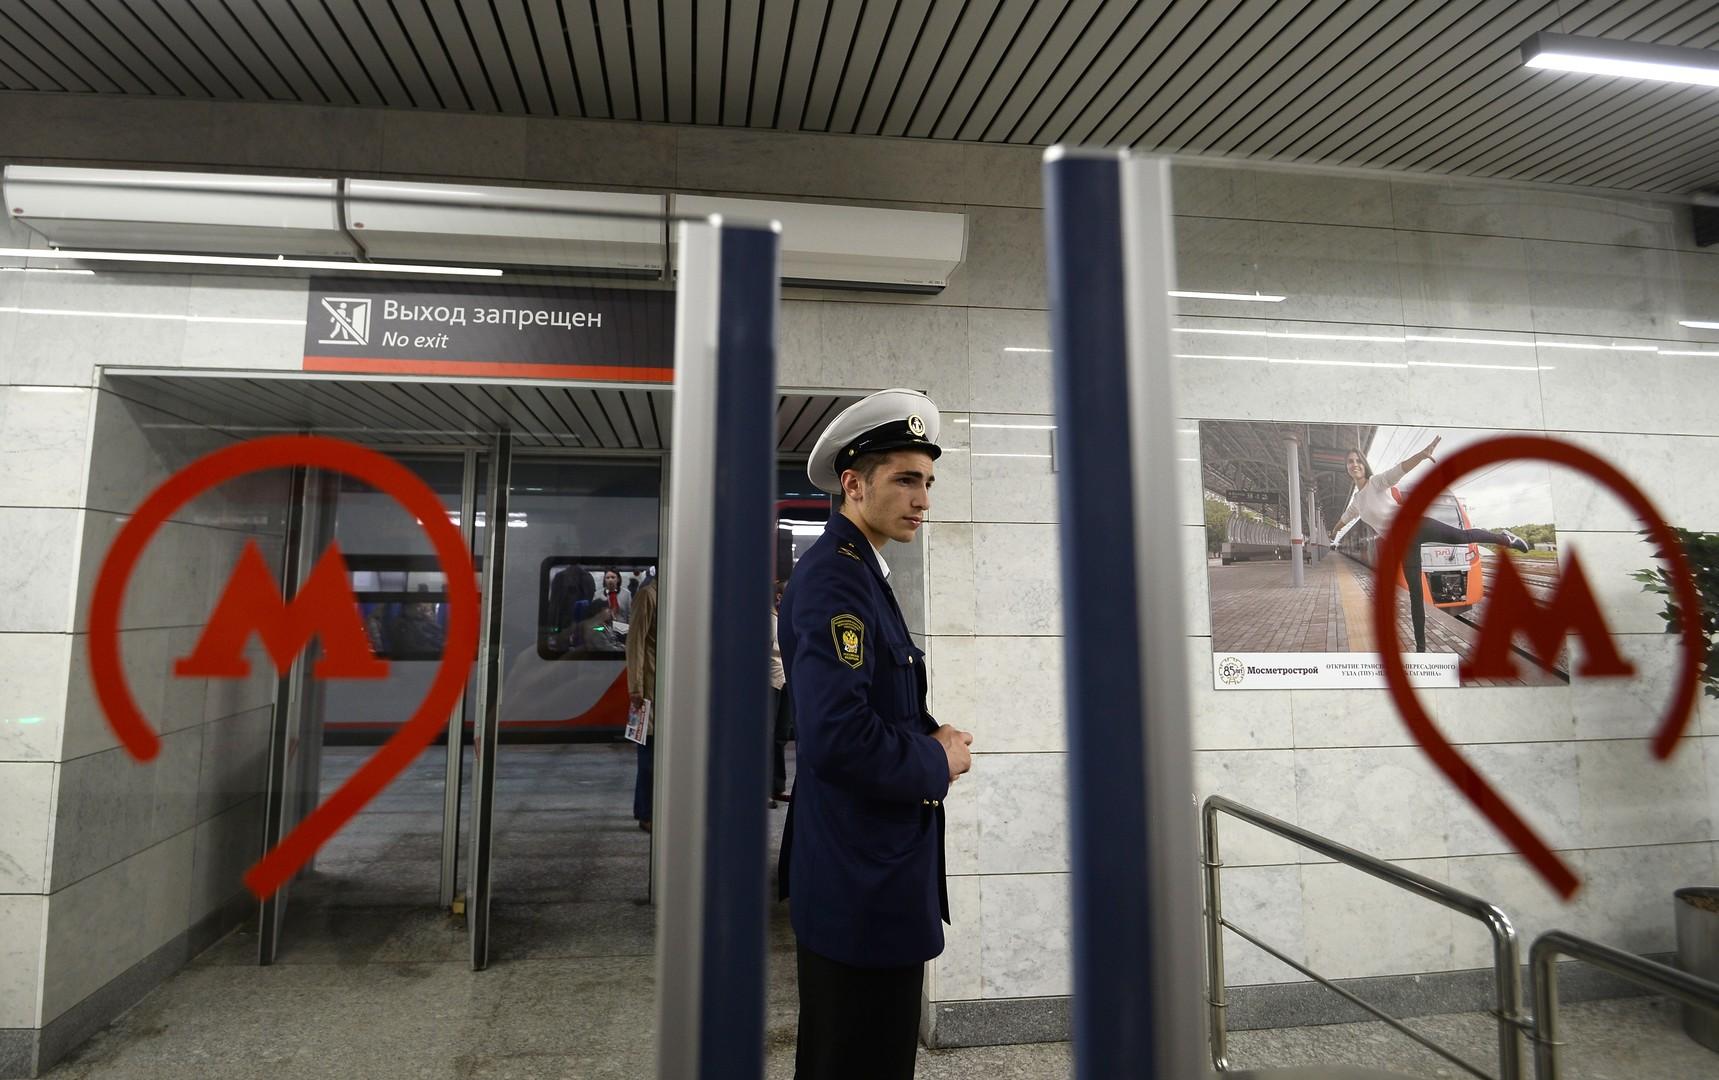 Es dauert noch, bis die Moskauer sich an das neue System gewöhnen. Bei allen Fragen stehen die Mitarbeiter des neuen Eisenbahnrings den Passagieren zur Verfügung.